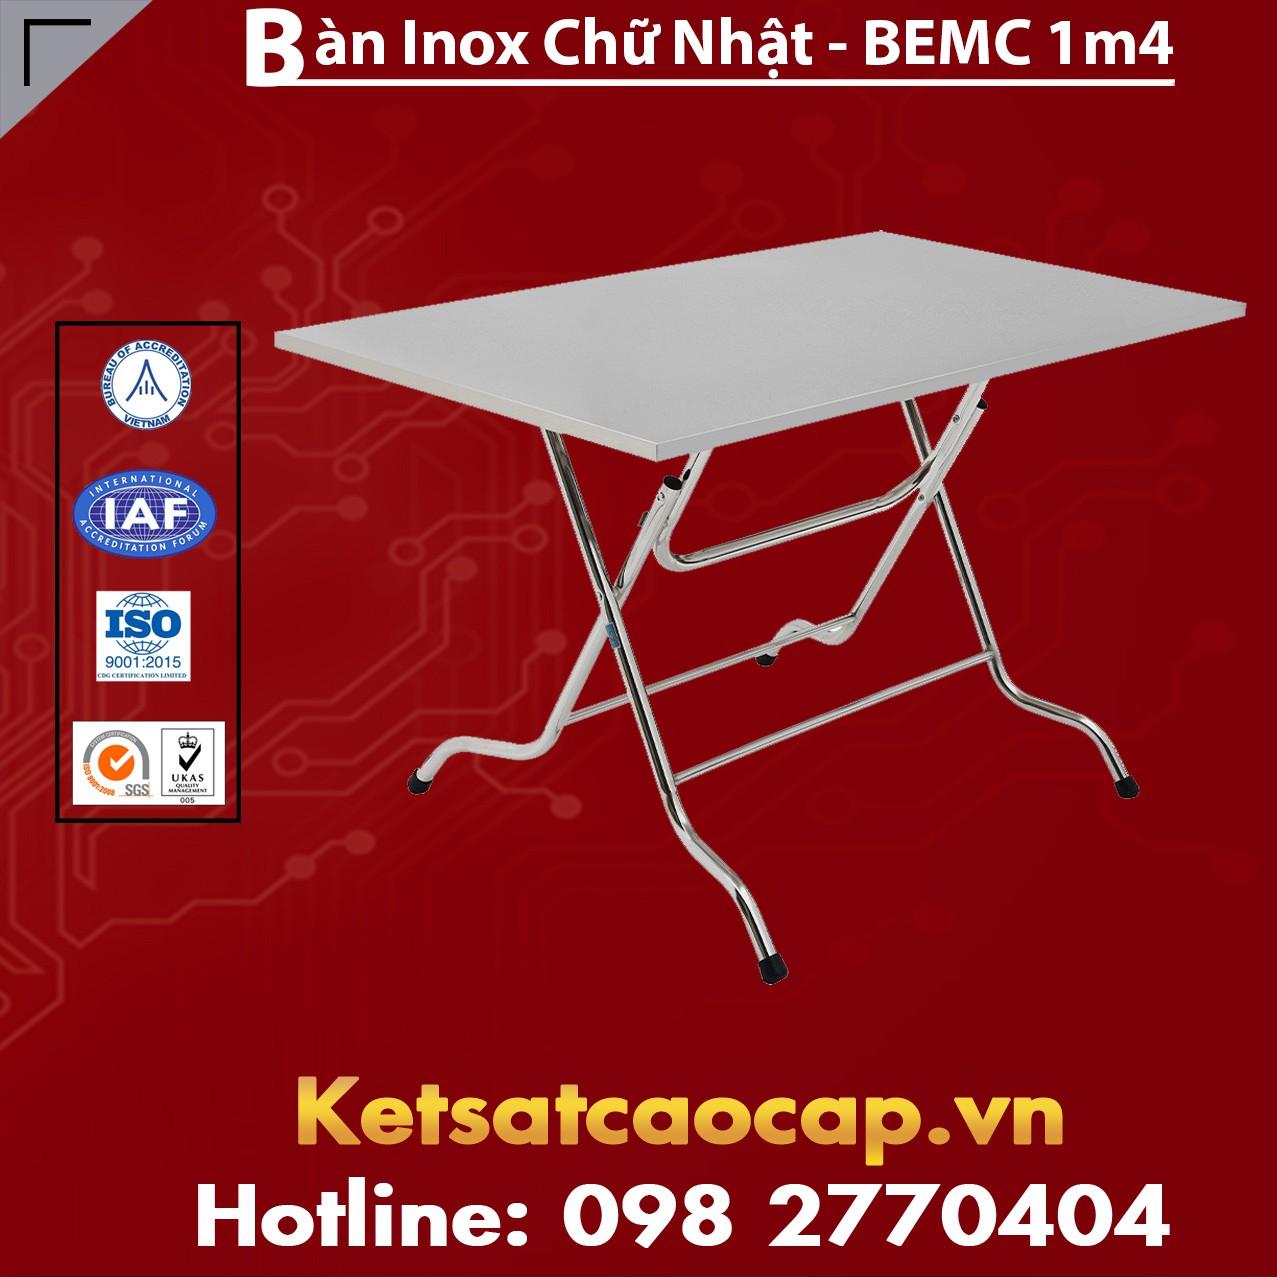 Bàn INOX Chữ Nhật BEMC - 1m4